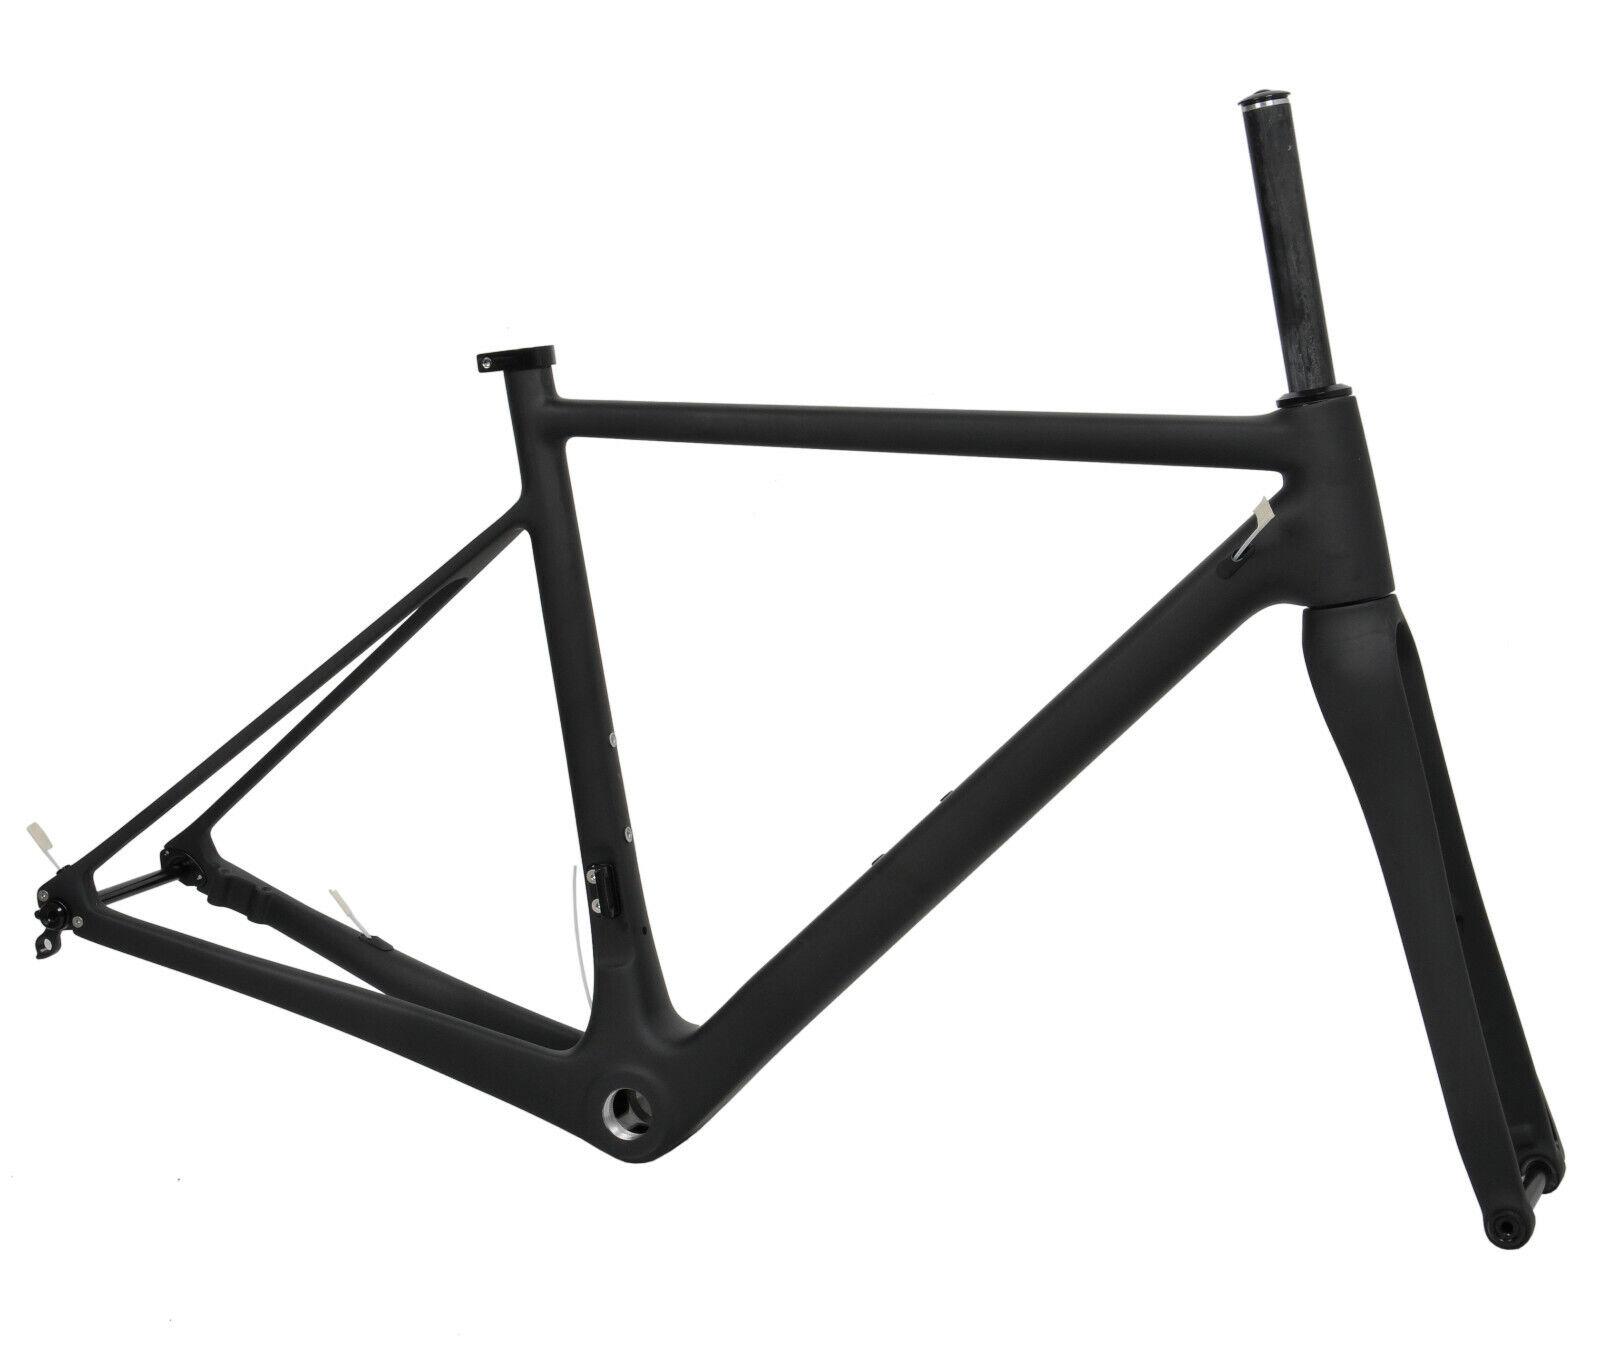 Carbon Frame Disc Brake Road Bike Frameset fork headset axle